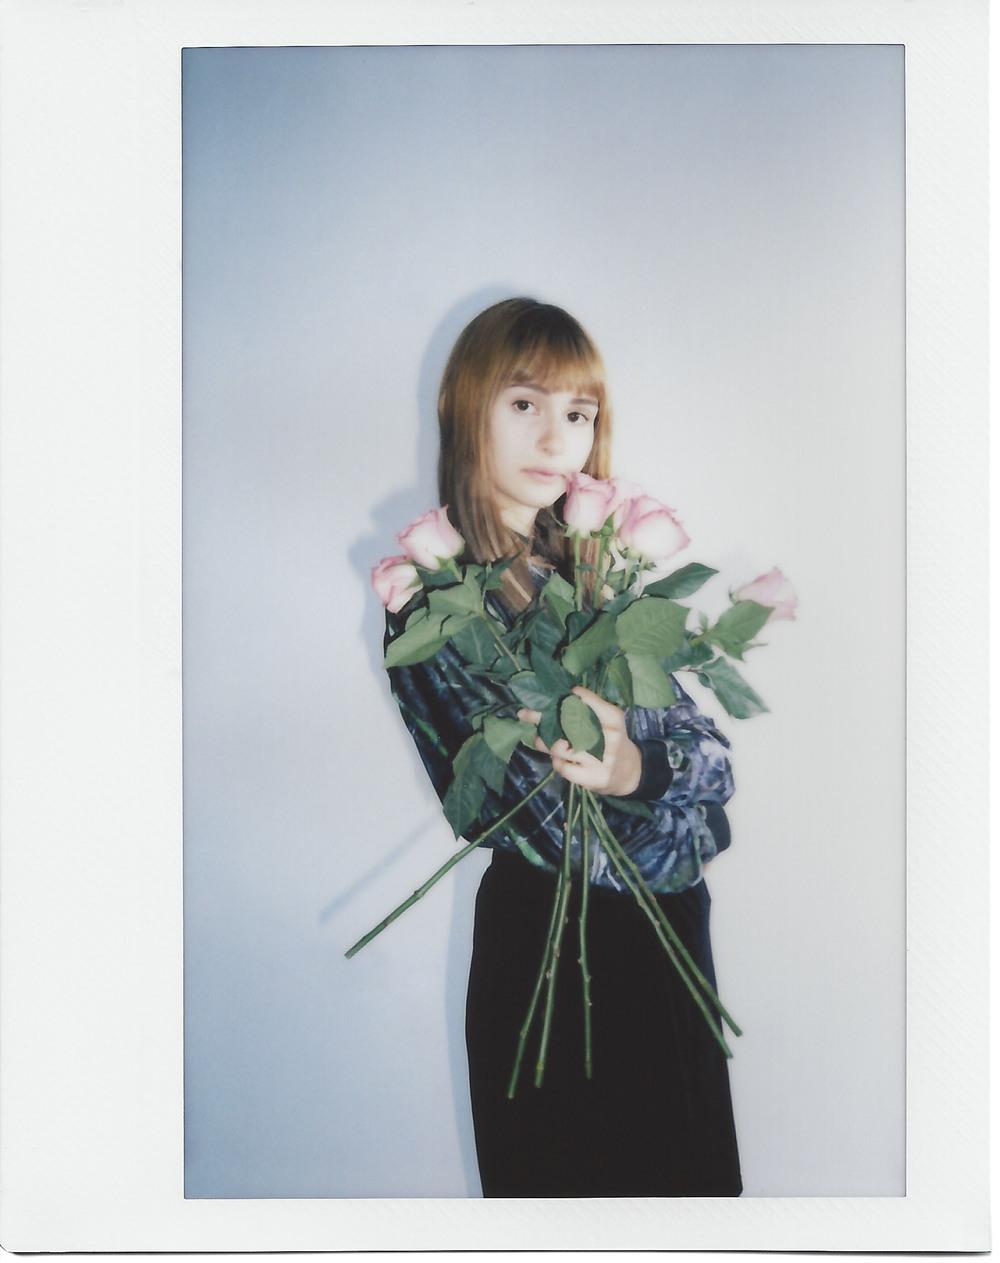 casenruiz-daphne-roses-polaroid-2.jpg